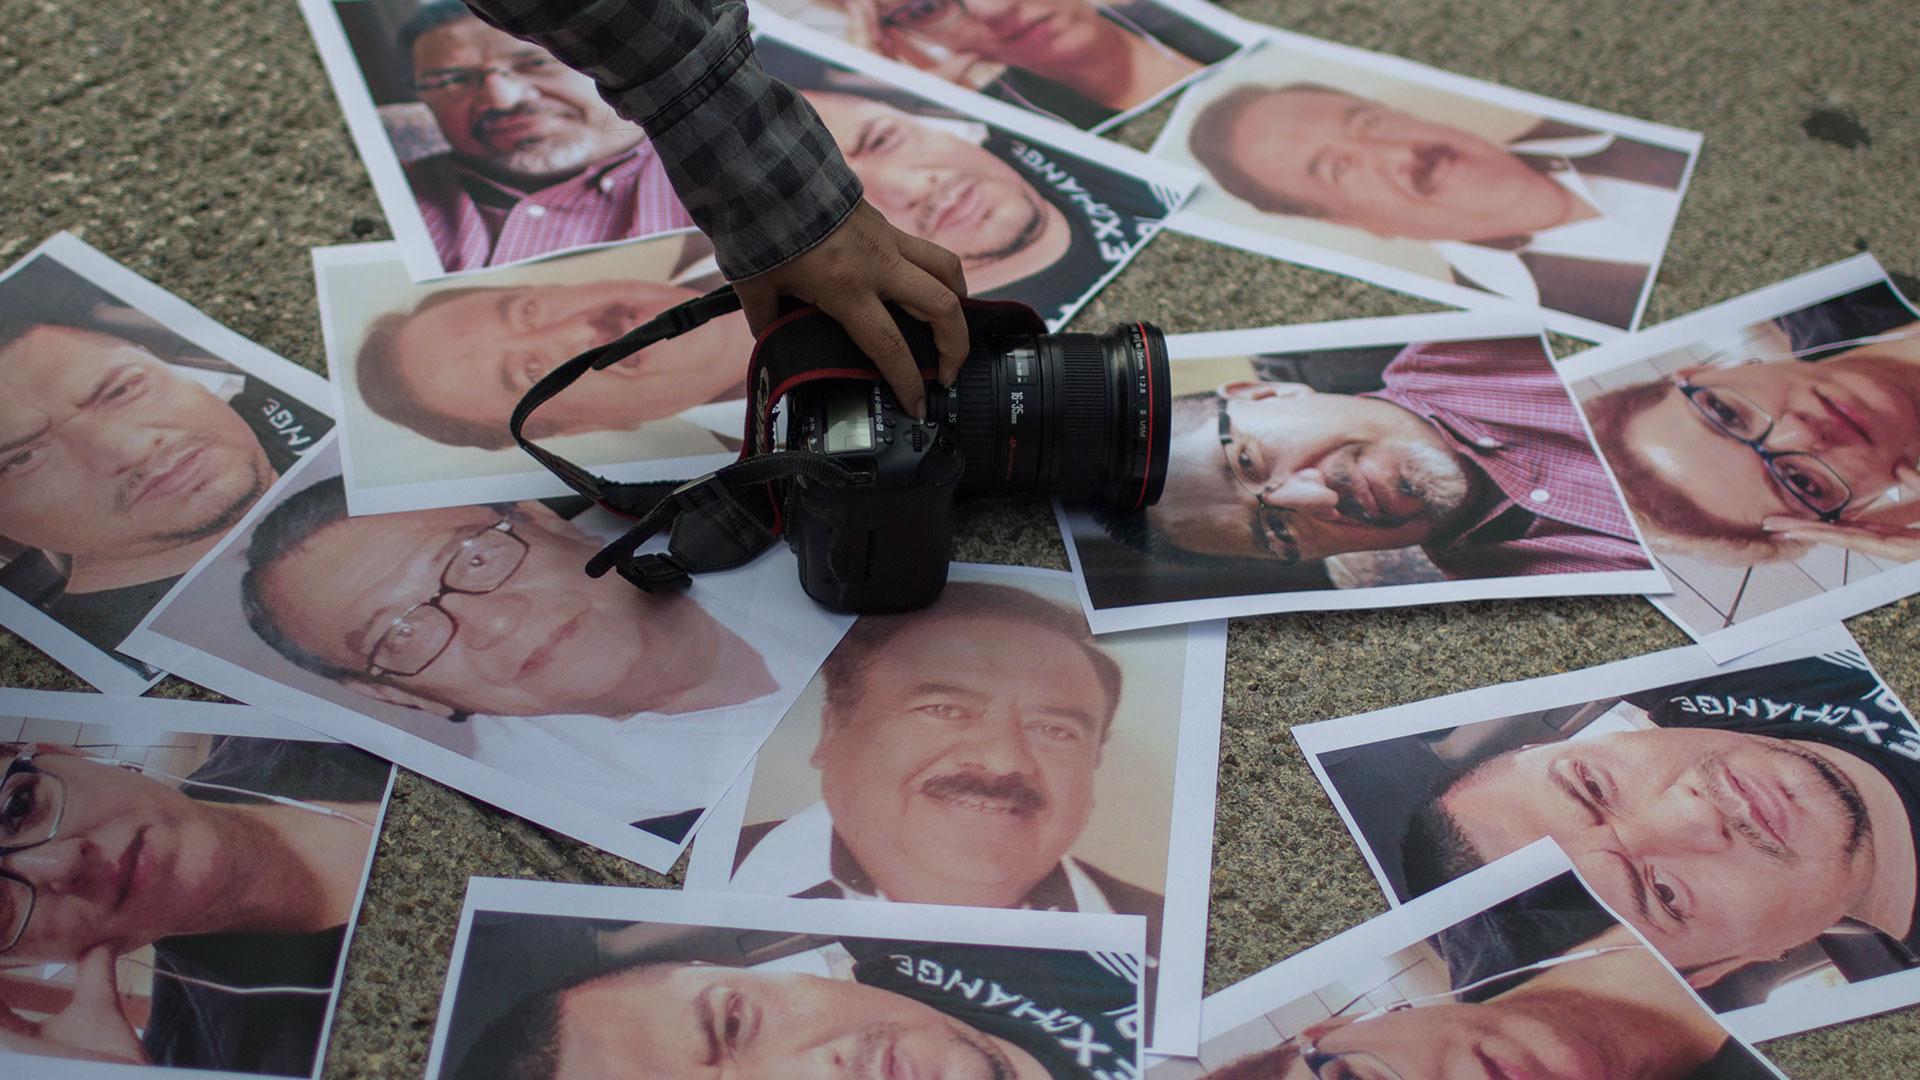 México continúa siendo uno de los países más peligrosos para ejercer el periodismo (Getty)